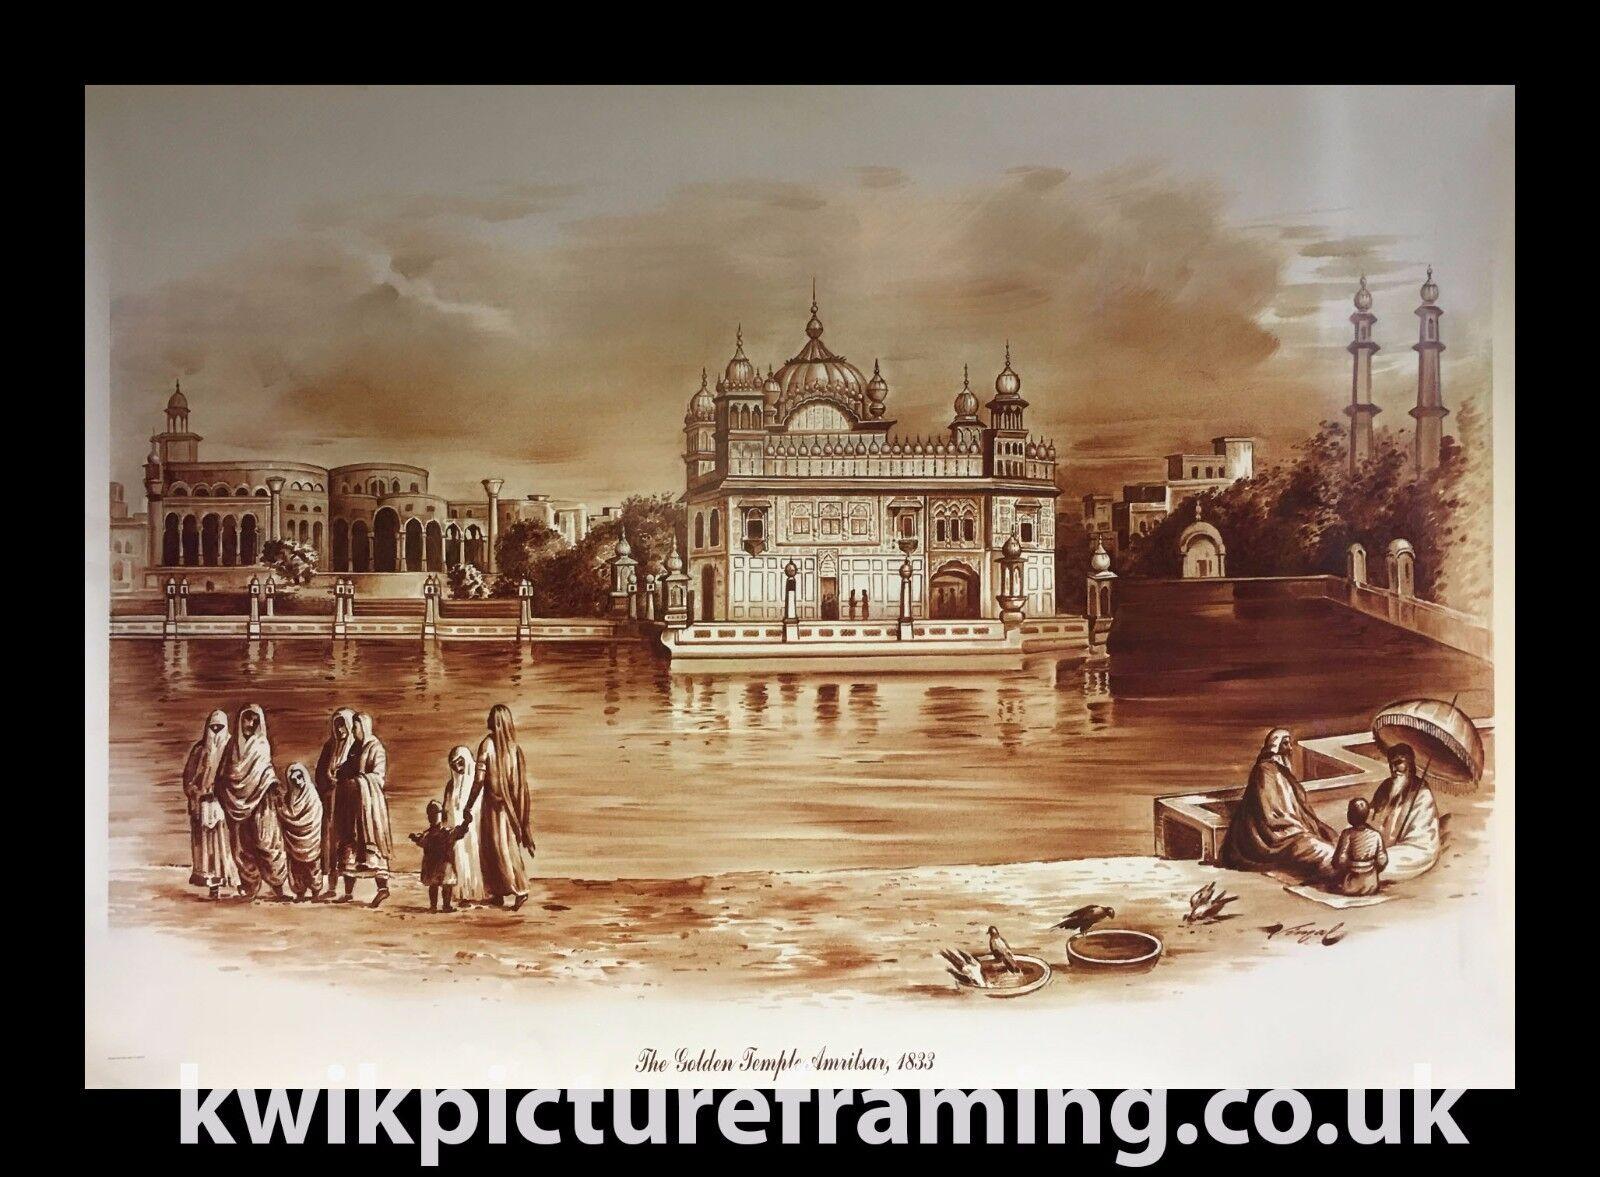 Grand HarFemmedir Temple Sahib Golden Temple HarFemmedir Amritsar Punjab l'Inde 40